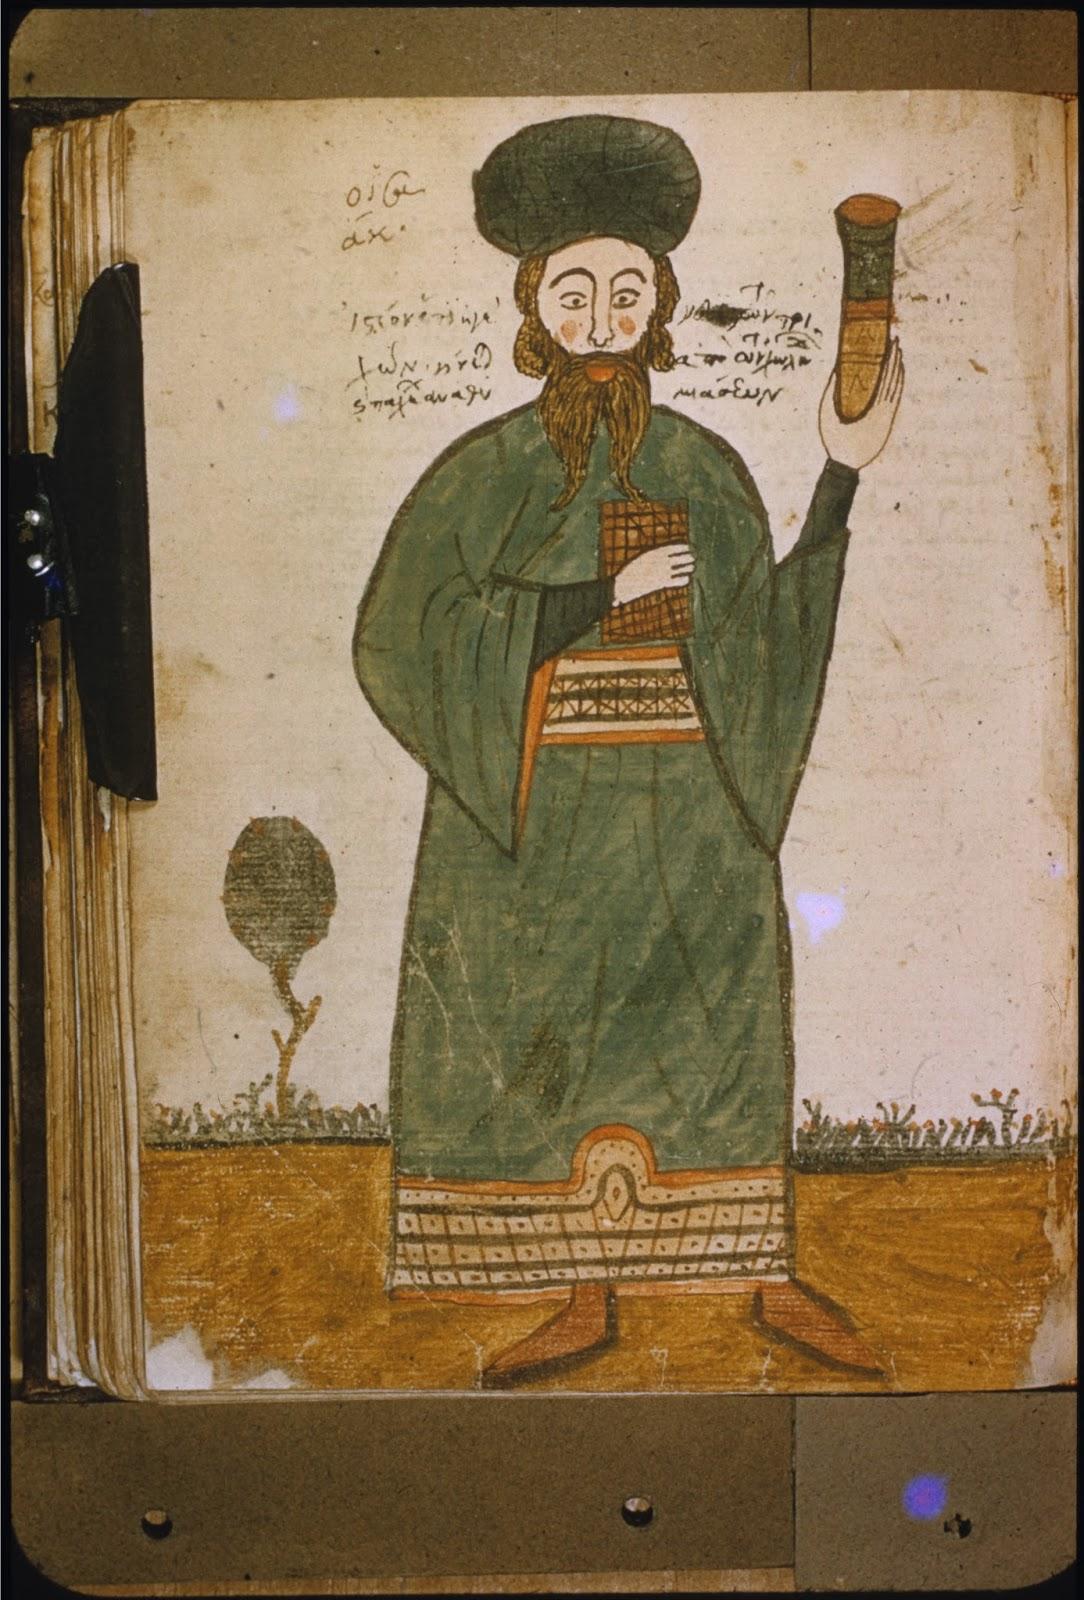 Ο ελληνικός κώδικας 3632 της Πανεπιστημιακής Βιβλιοθήκης της Μπολόνια http://leipsanothiki.blogspot.be/